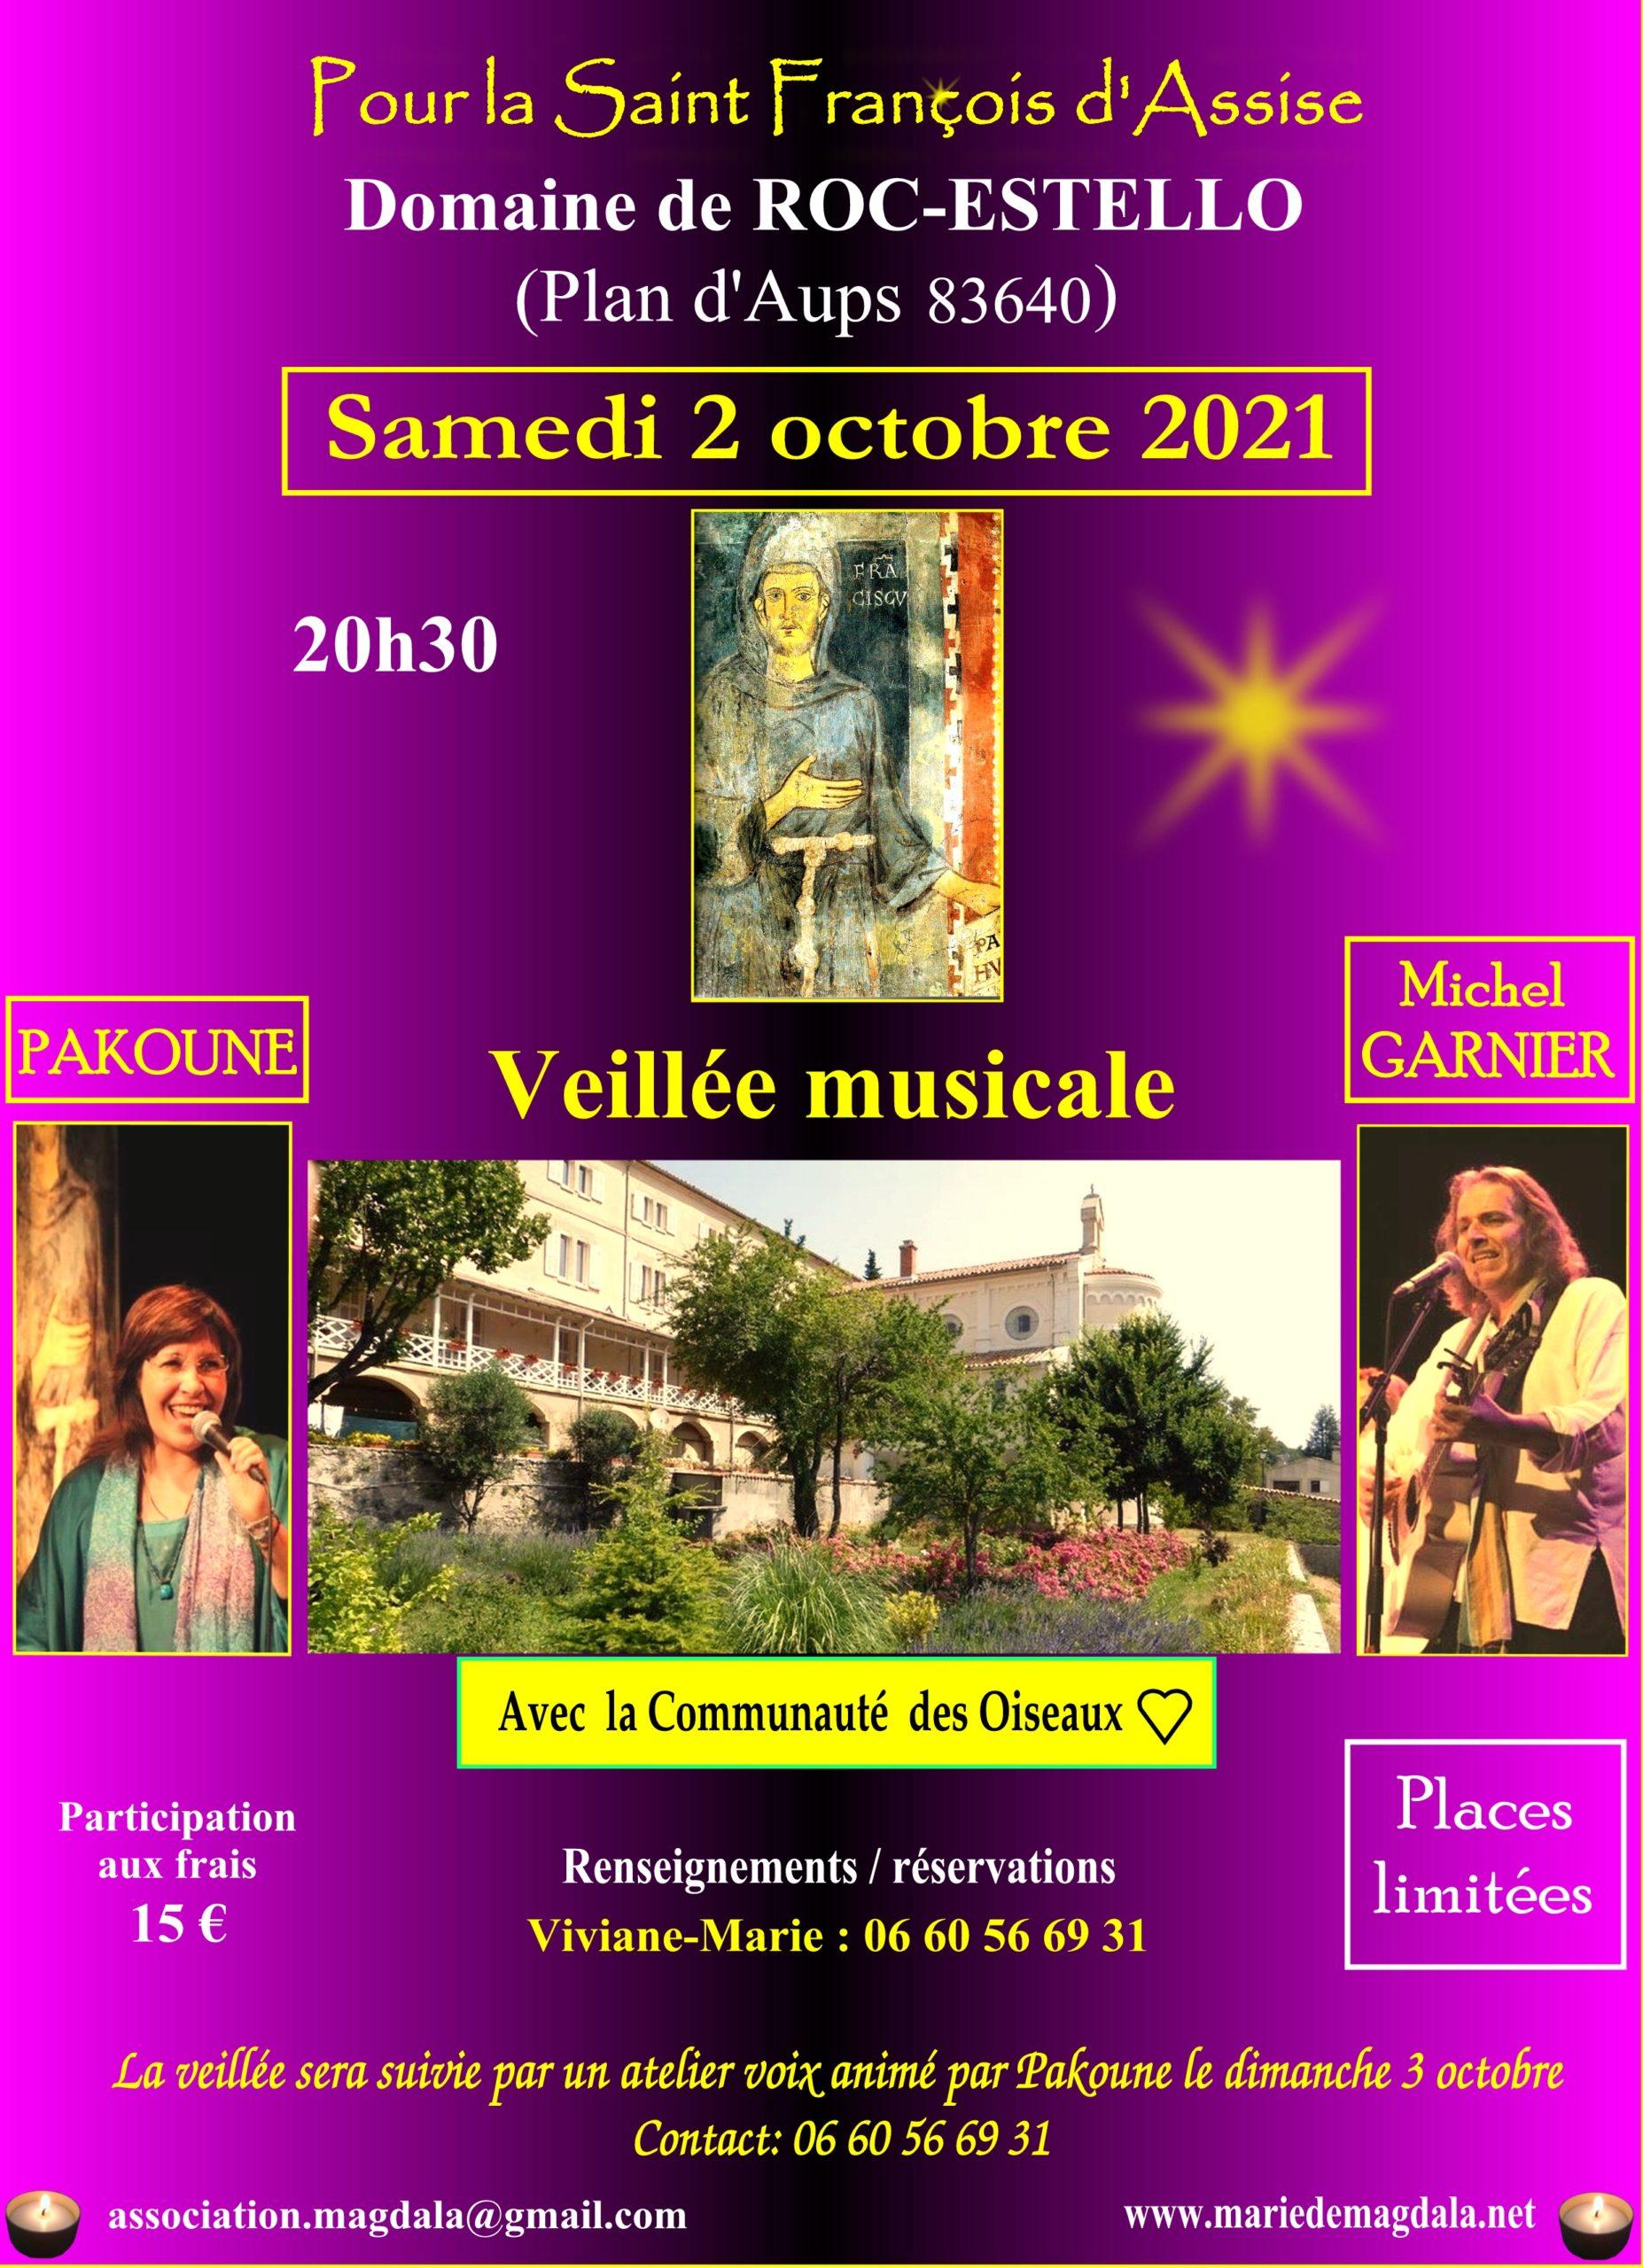 Veillée musicale pour la Saint François d'Assise